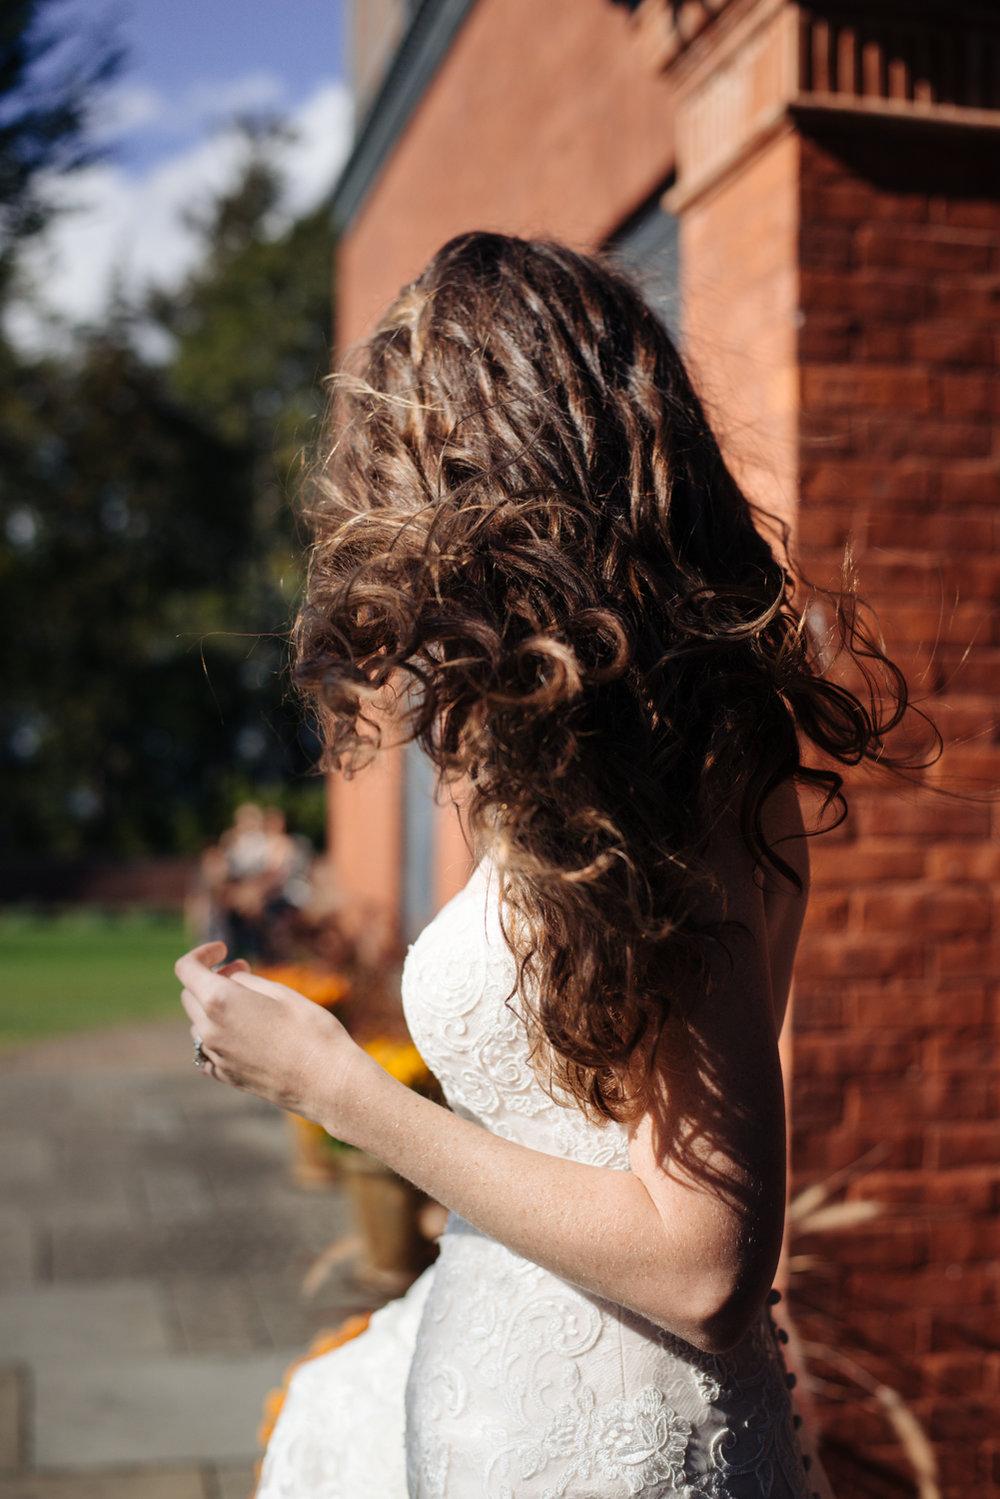 10082017-RachelNate-JuliaLuckettPhotography-74.jpg